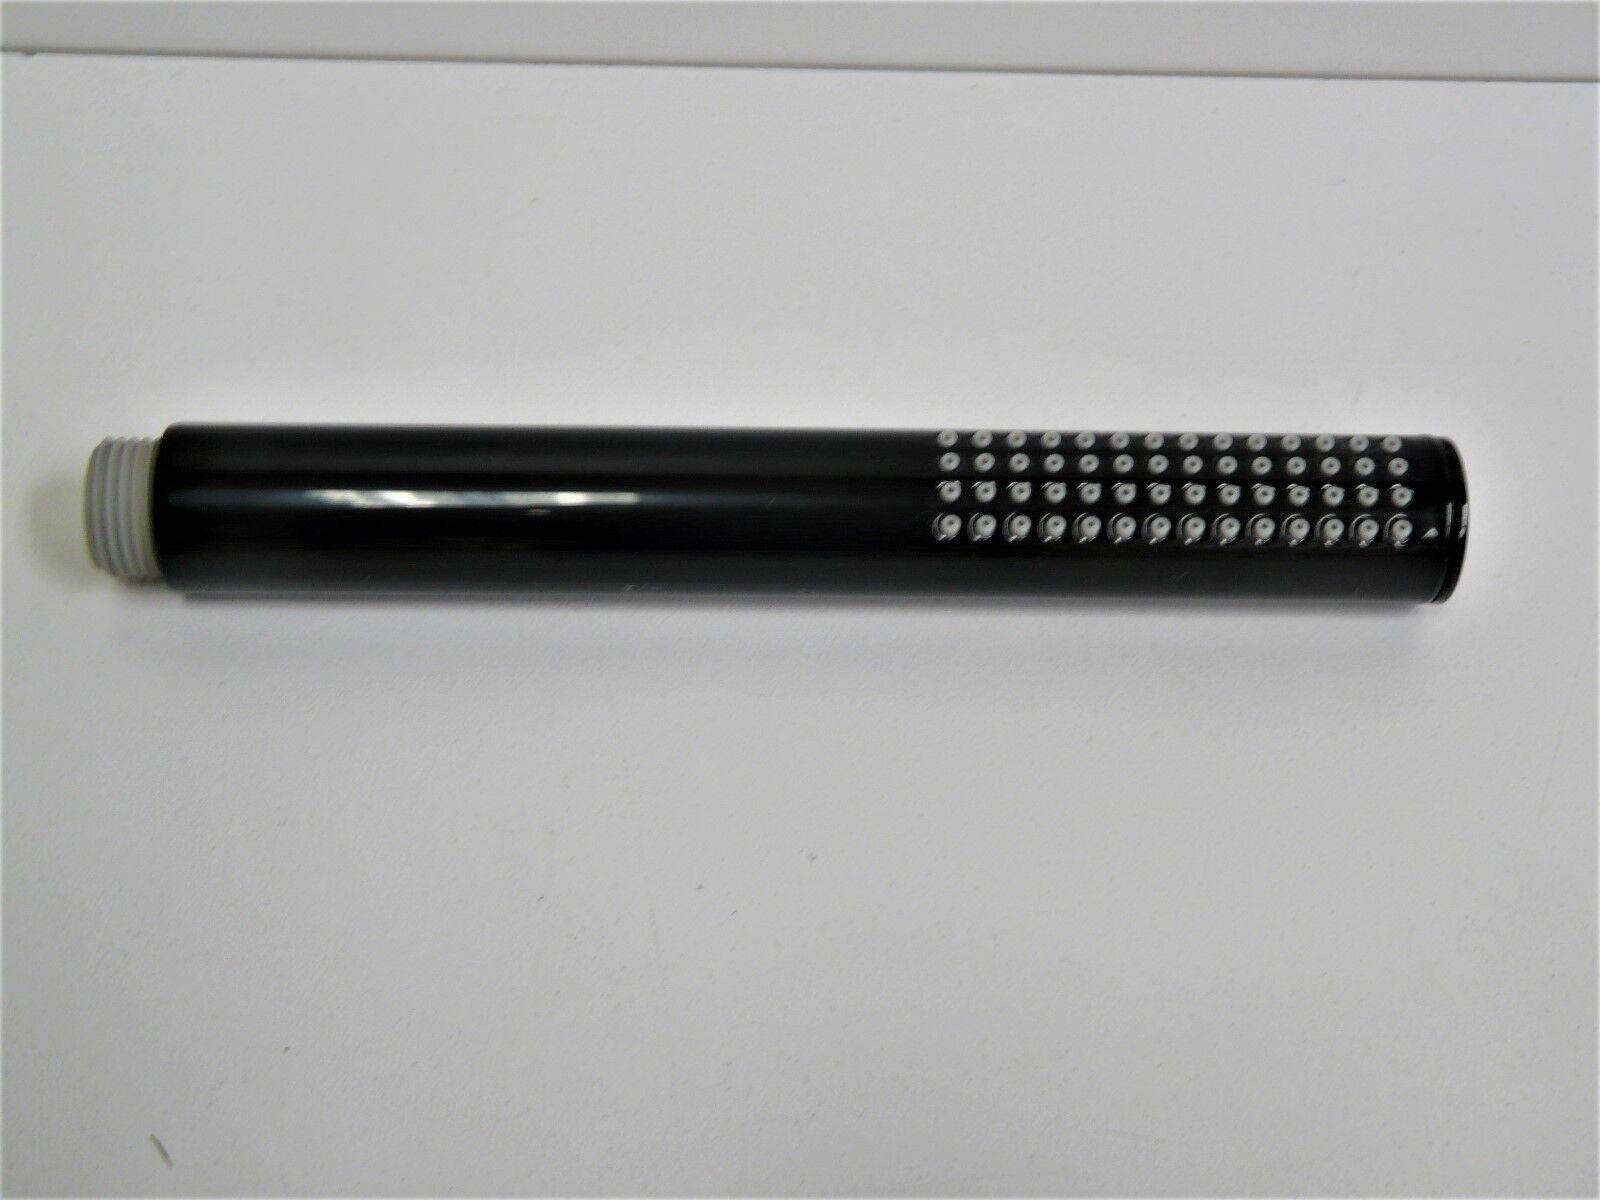 Handbrause Schwarz (RAL 9005), Stabhandbrause, Dusche, Brausekopf, Duschkopf